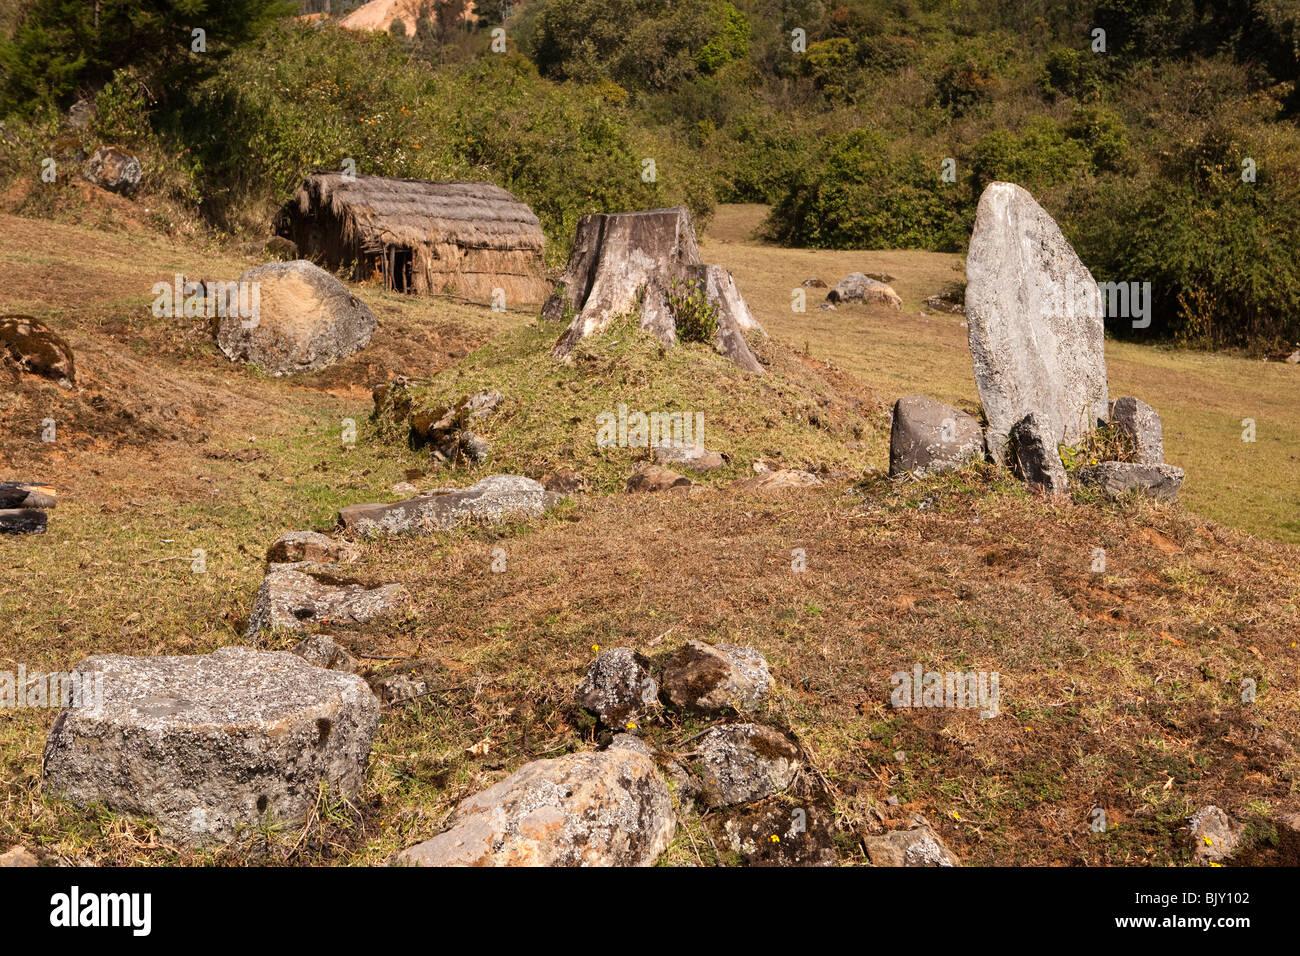 Indien, Tamil Nadu, Udhagamandalam (Ooty), Toda Stamm rituellen Stein Priester Sitz und Tempel der Göttin Teikirshy Stockbild